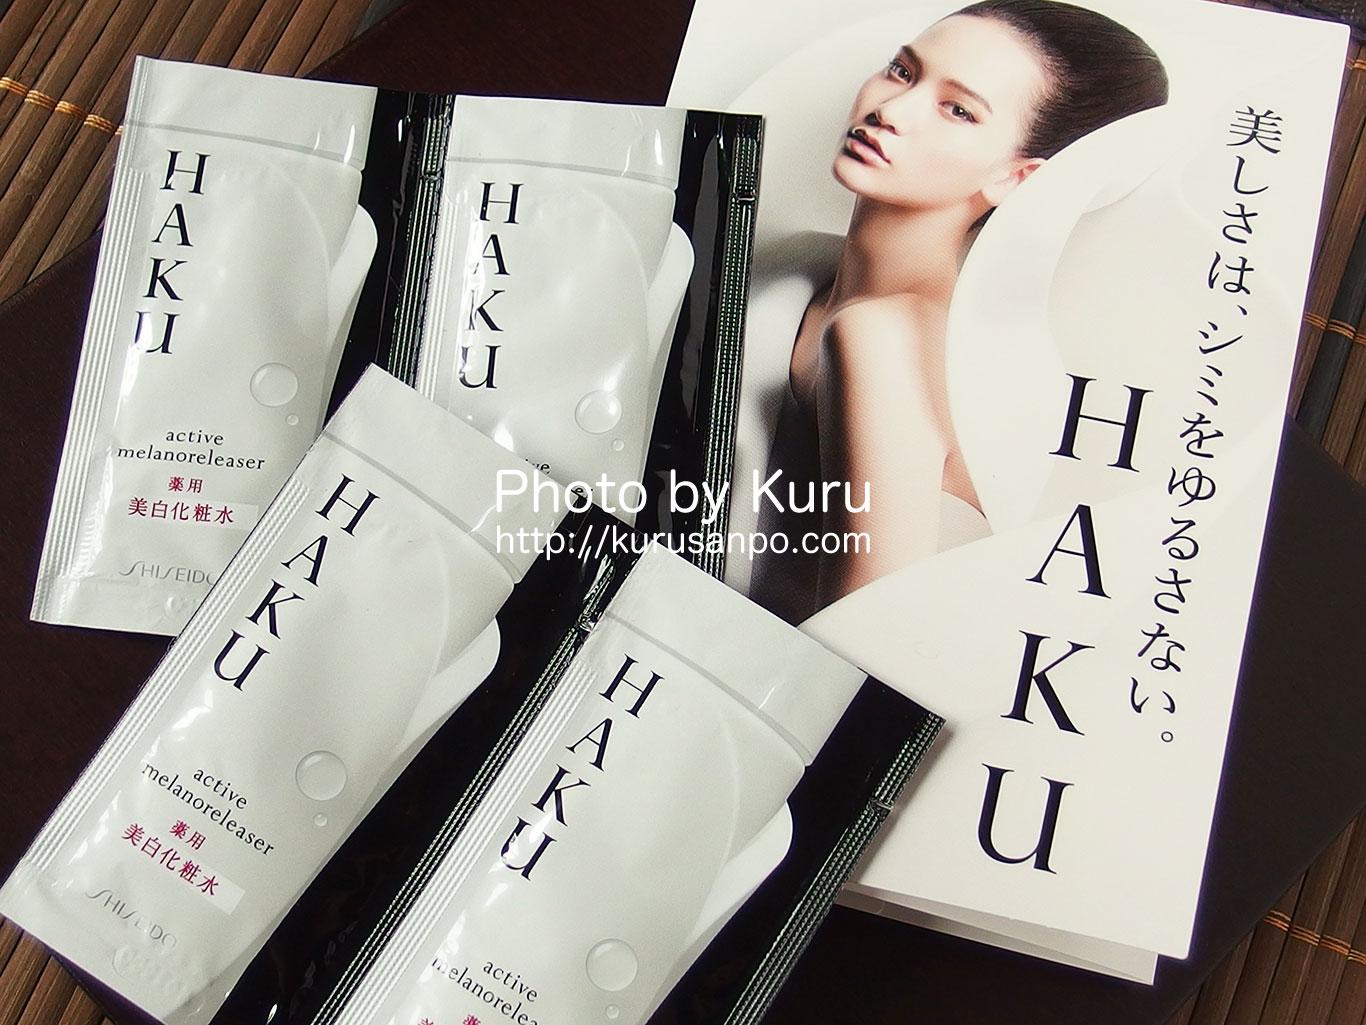 資生堂・HAKU(はく)の『アクティブメラノリリーサー』しっとり拭き取る化粧水♪